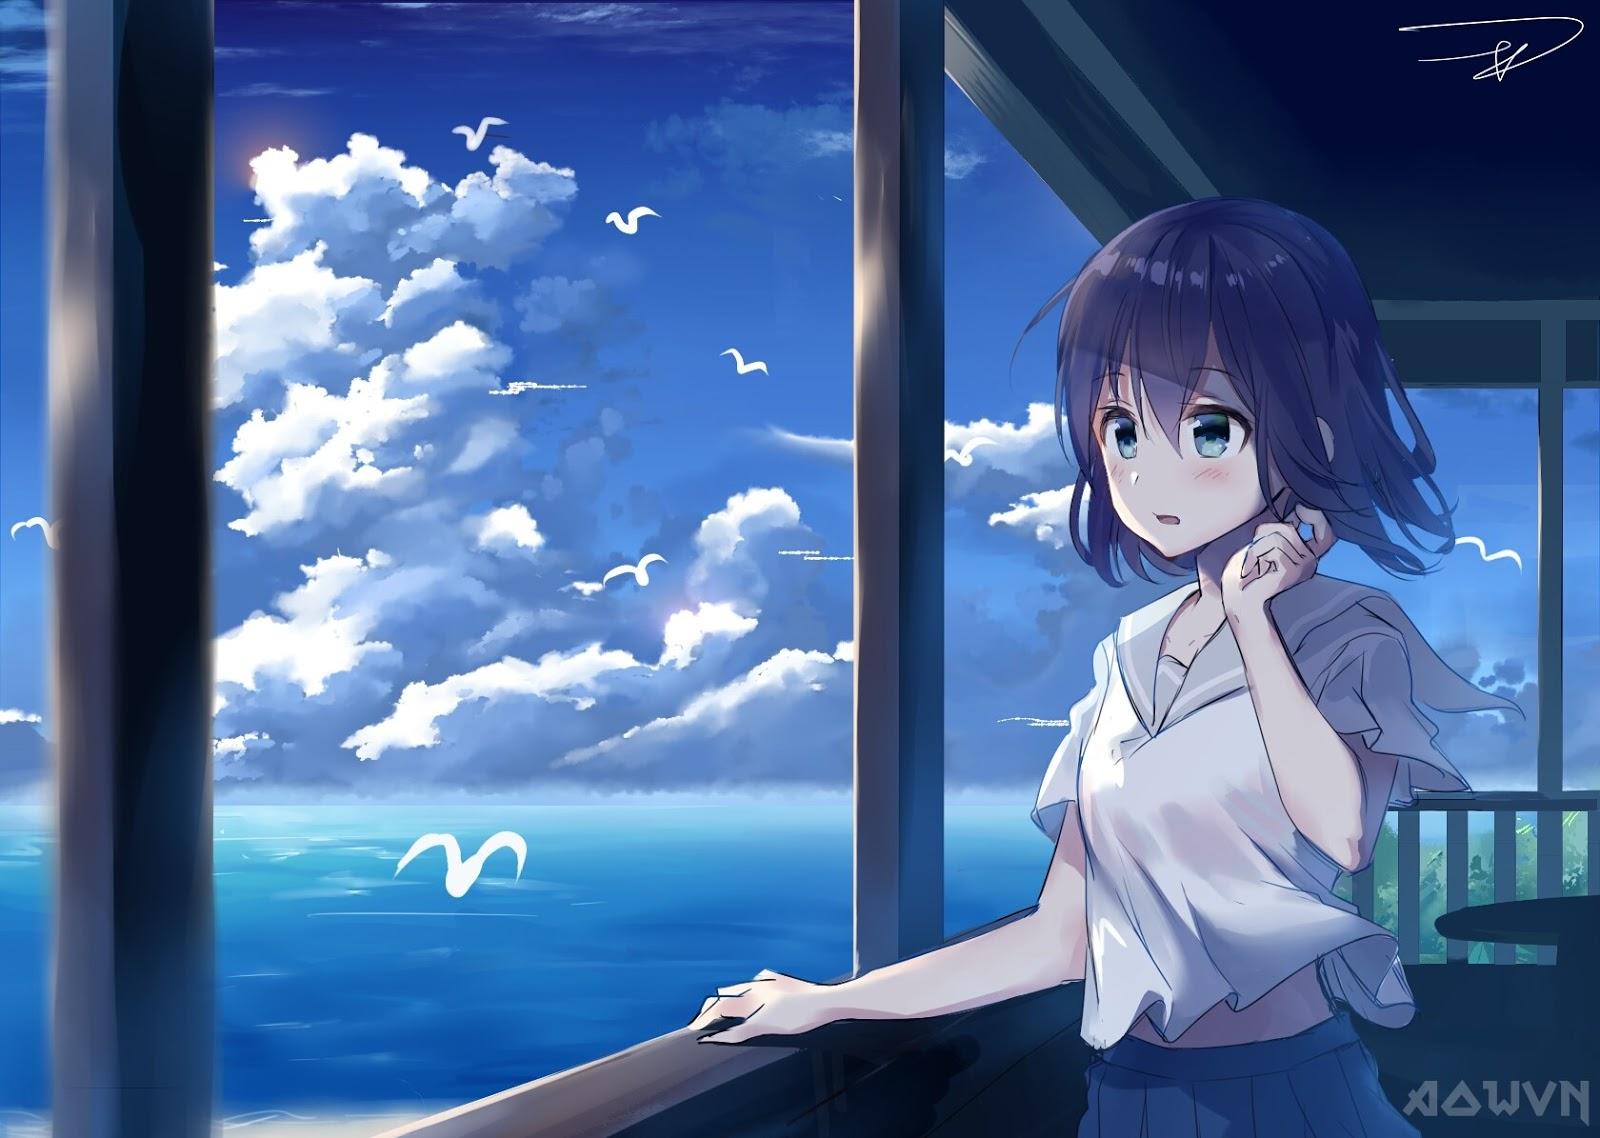 146 AowVN.org m - [ Hình Nền ] Anime cho điện thoại cực đẹp , cực độc | Wallpaper